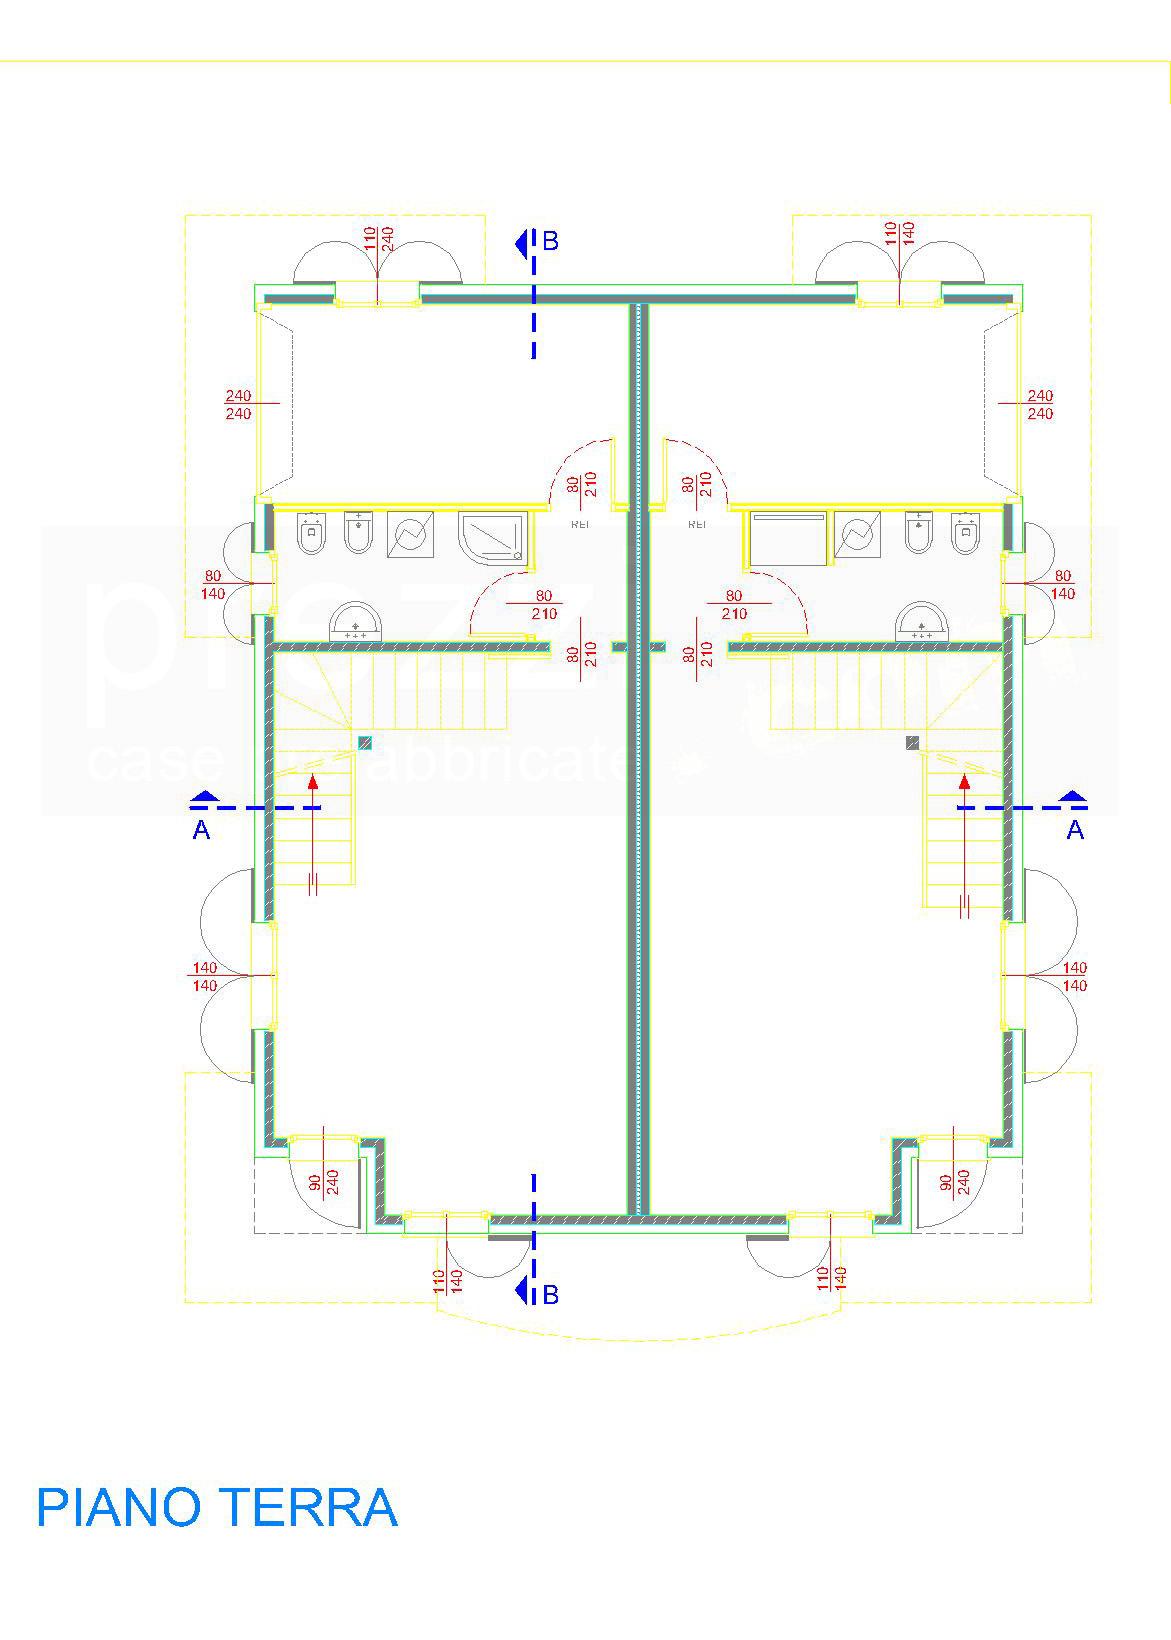 Case prefabbricate legno antisismiche in classe a3 in xlam for Piano terra della casa